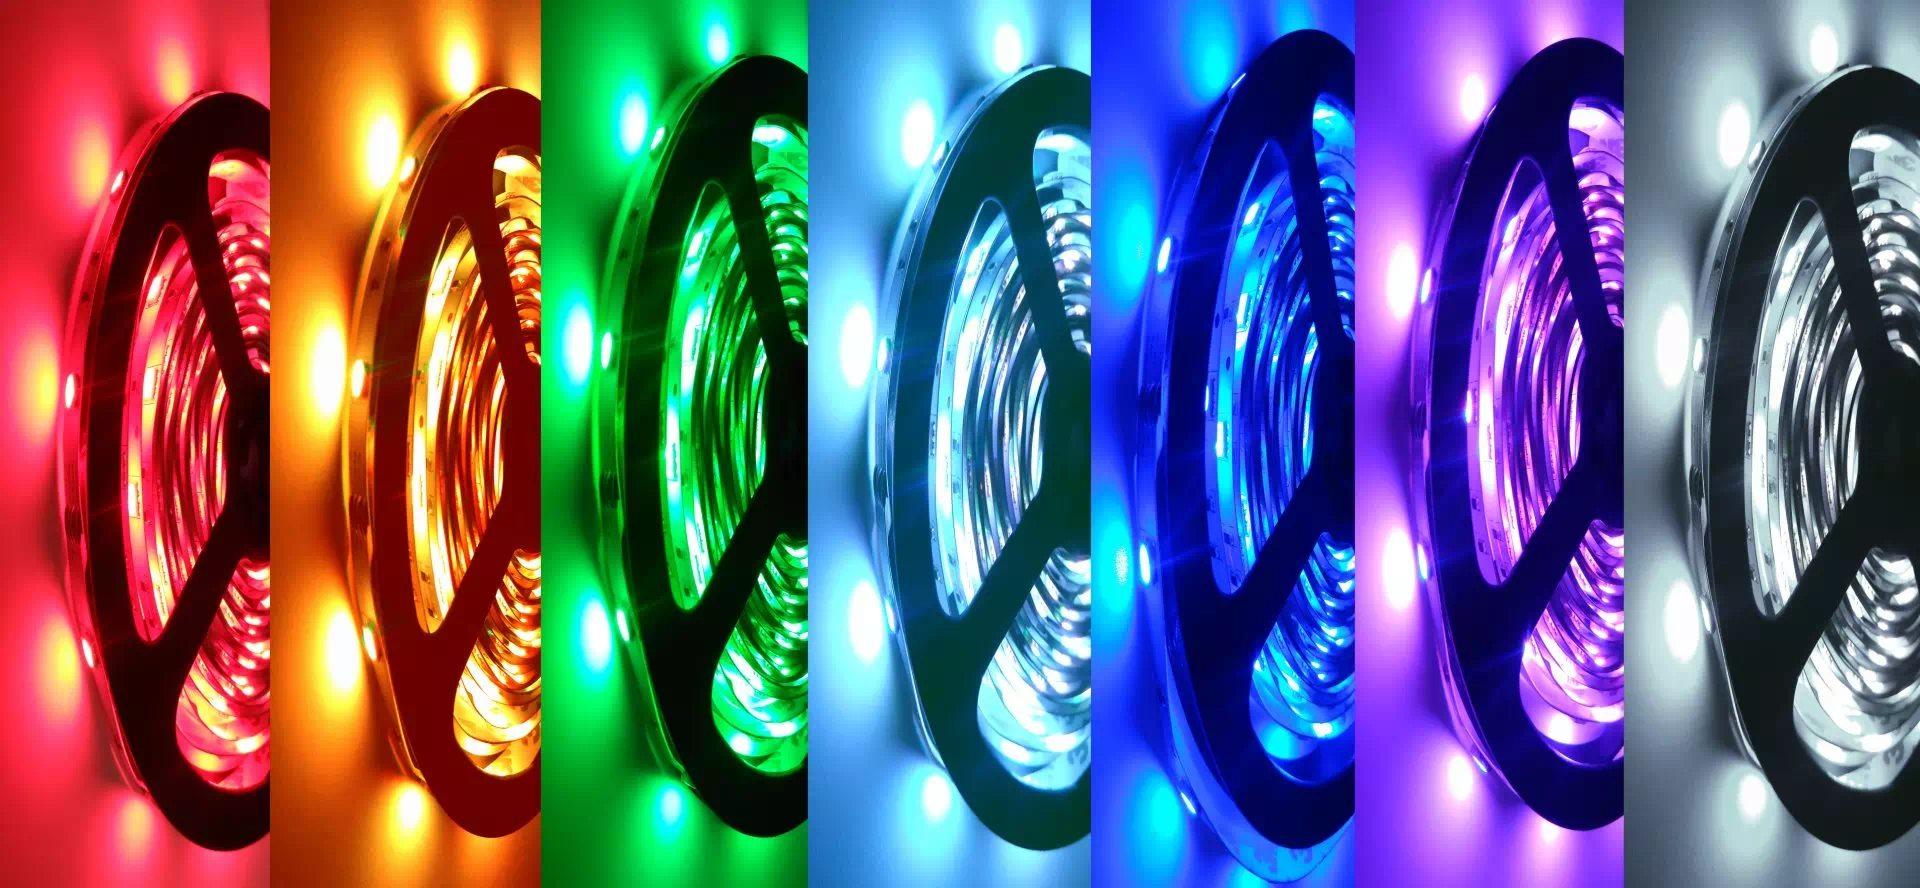 Pannon 150 LED (5050SMD) beltéri LED-szalag 5m, RGB